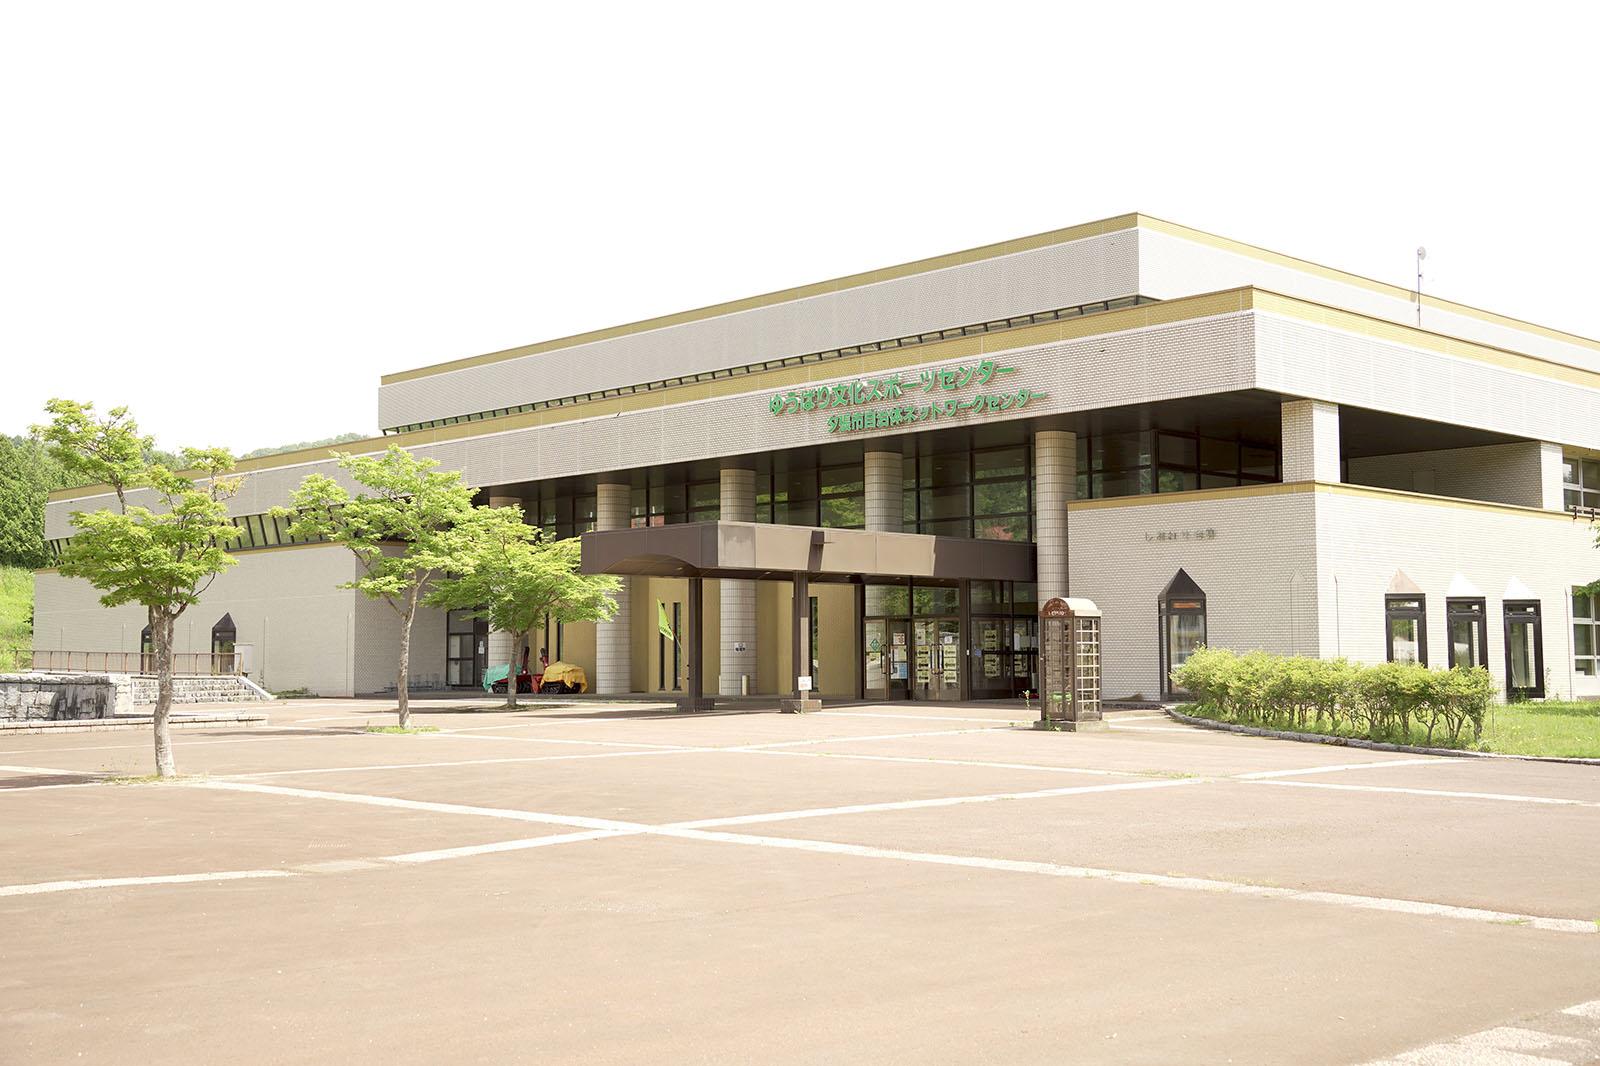 ゆうばり文化スポーツセンター